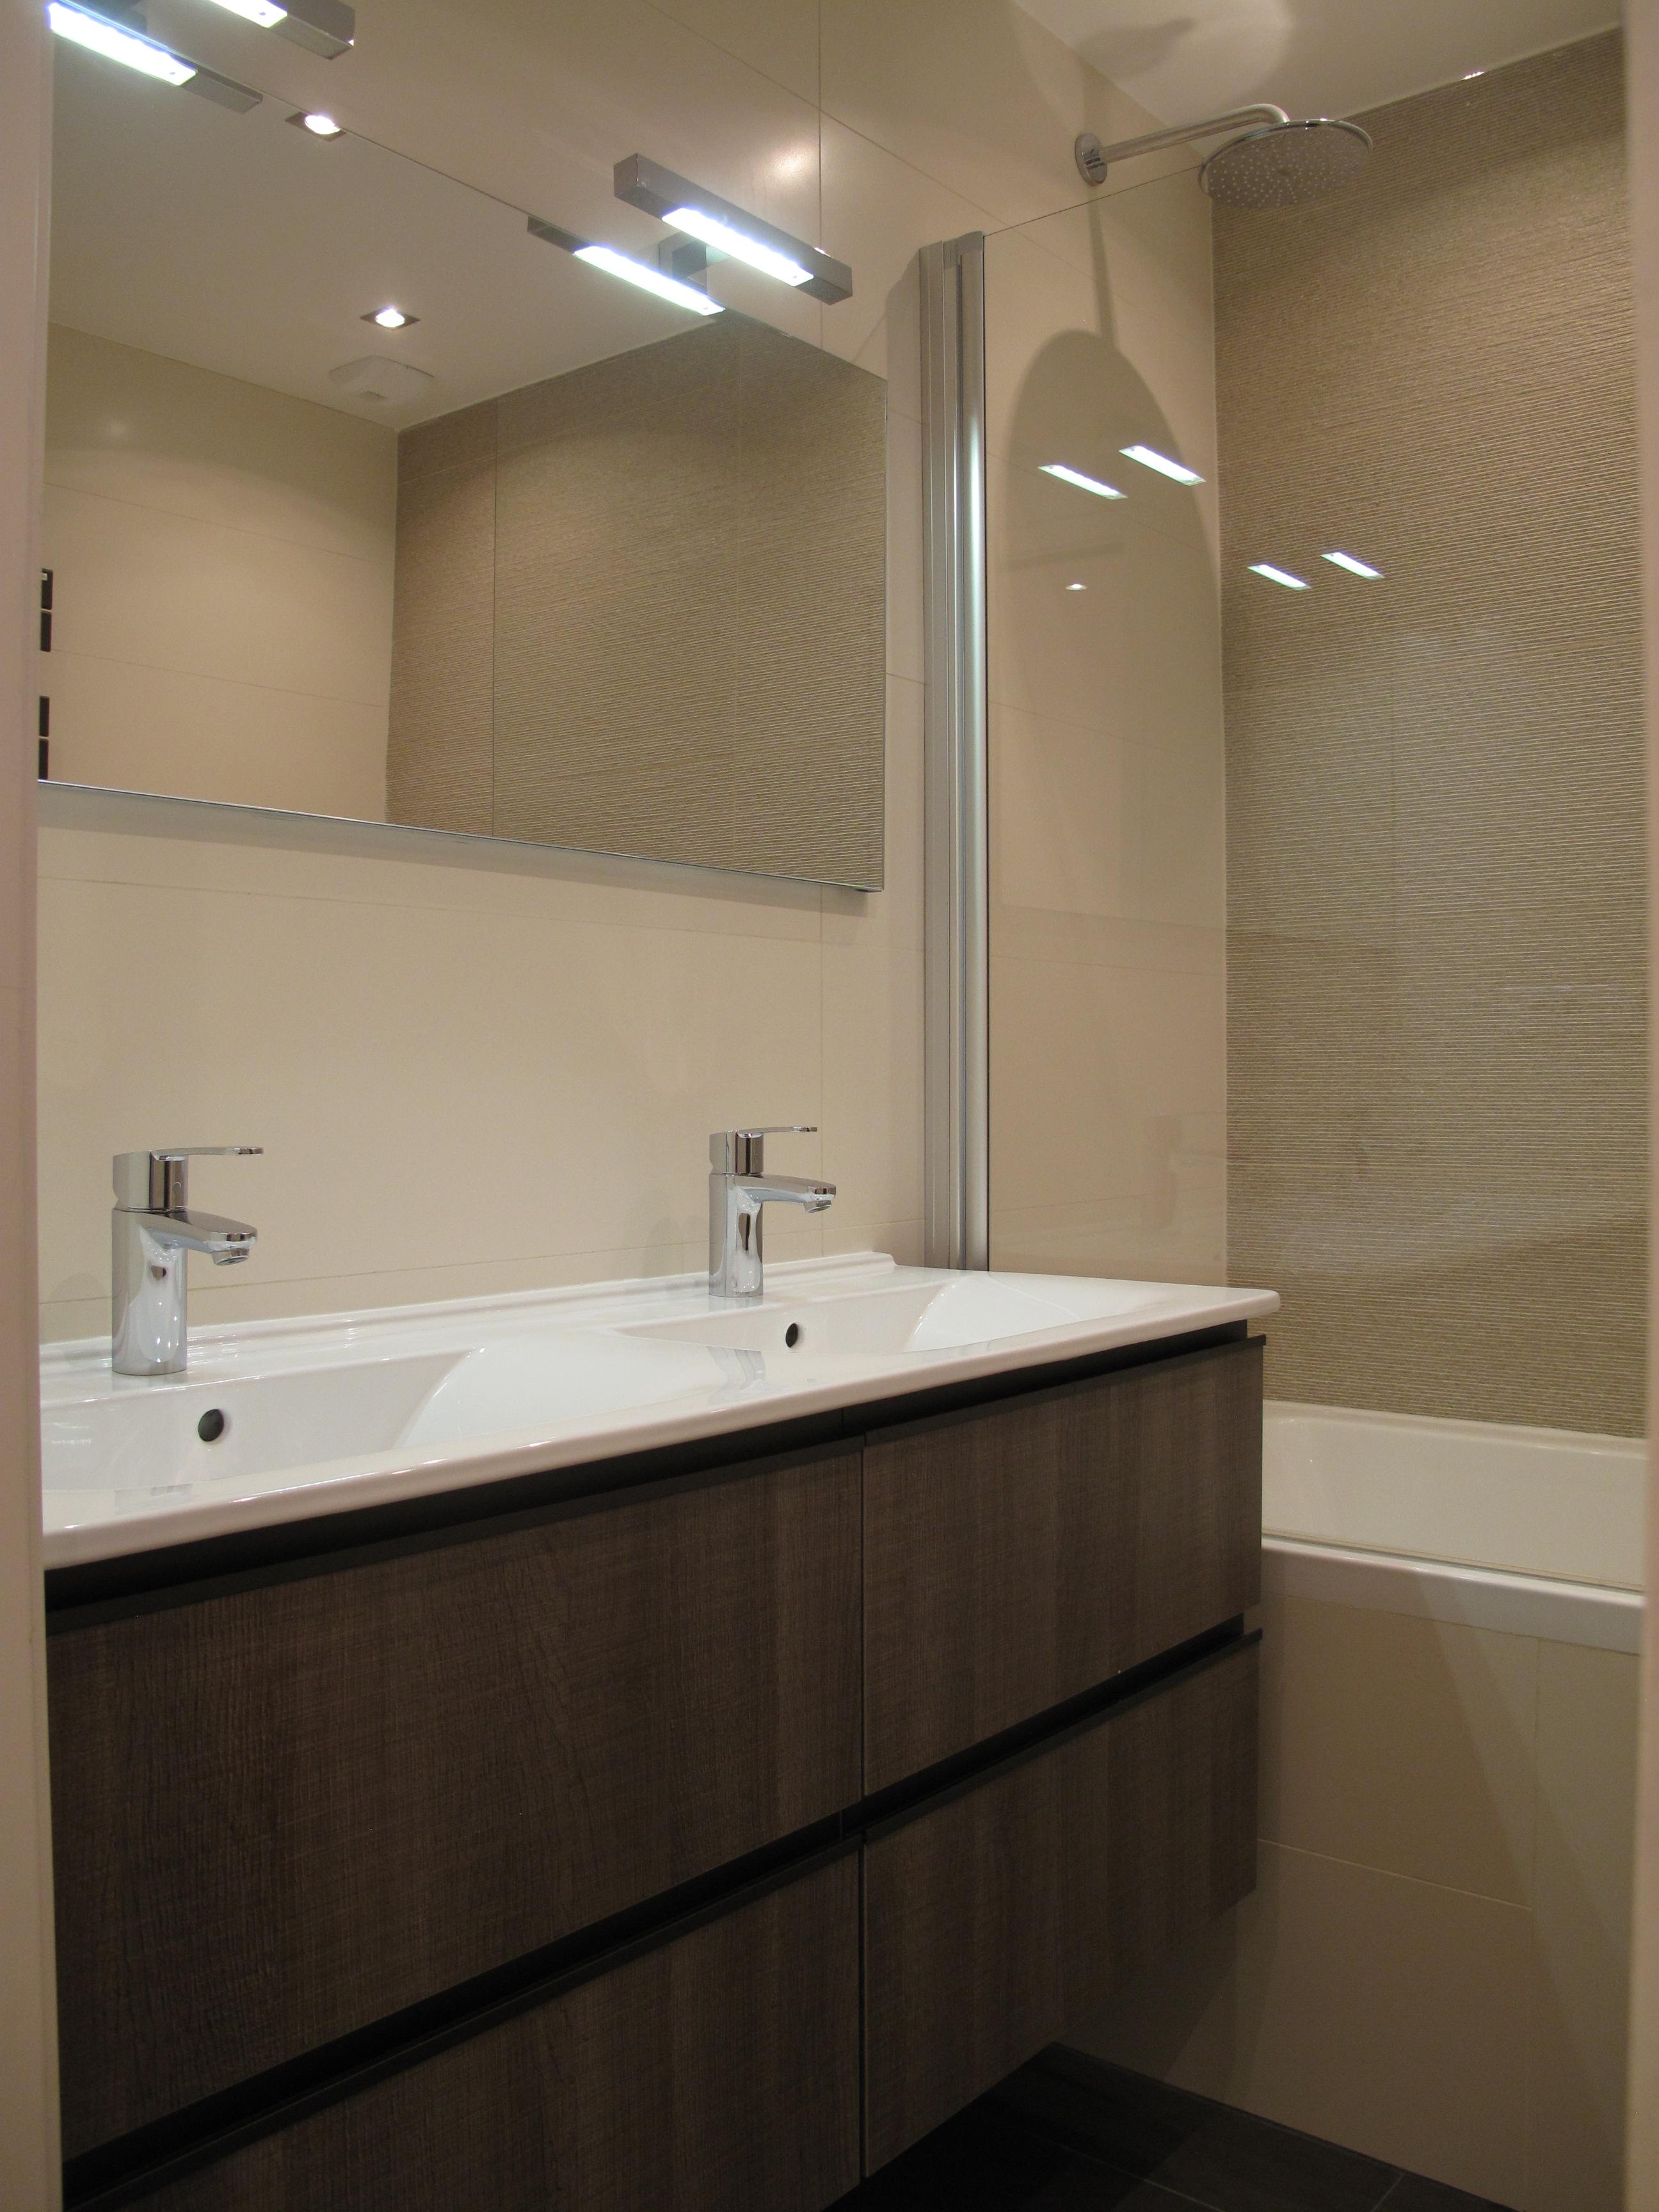 Lavage Tapis Salle De Bain Ikea ~ Isolation Mur Salle De Bain Simple Placo Pour Salle De Bain Cloison